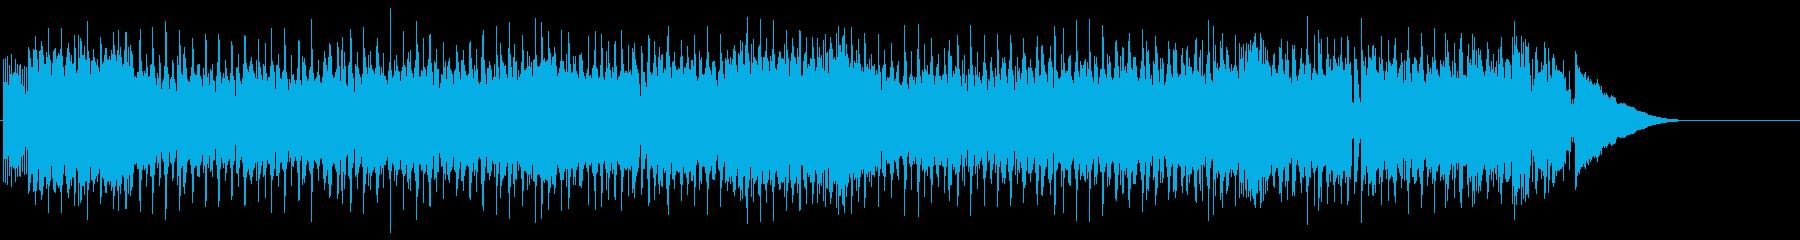 オルタナティブポップインスト。弾む...の再生済みの波形